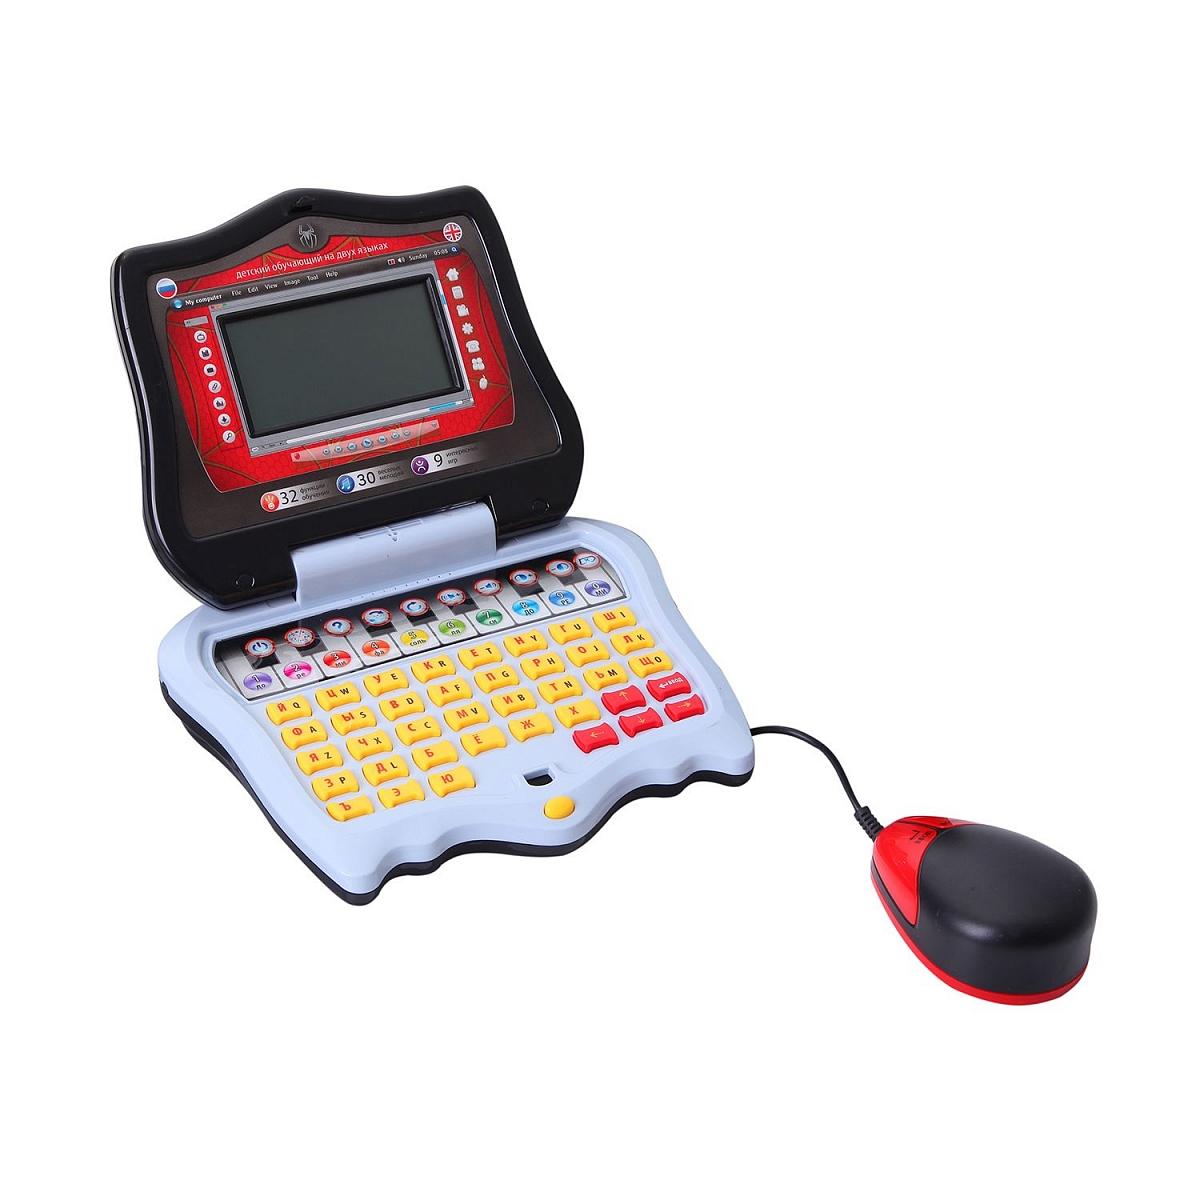 разве картинка игрушечного компьютера был своеобразный